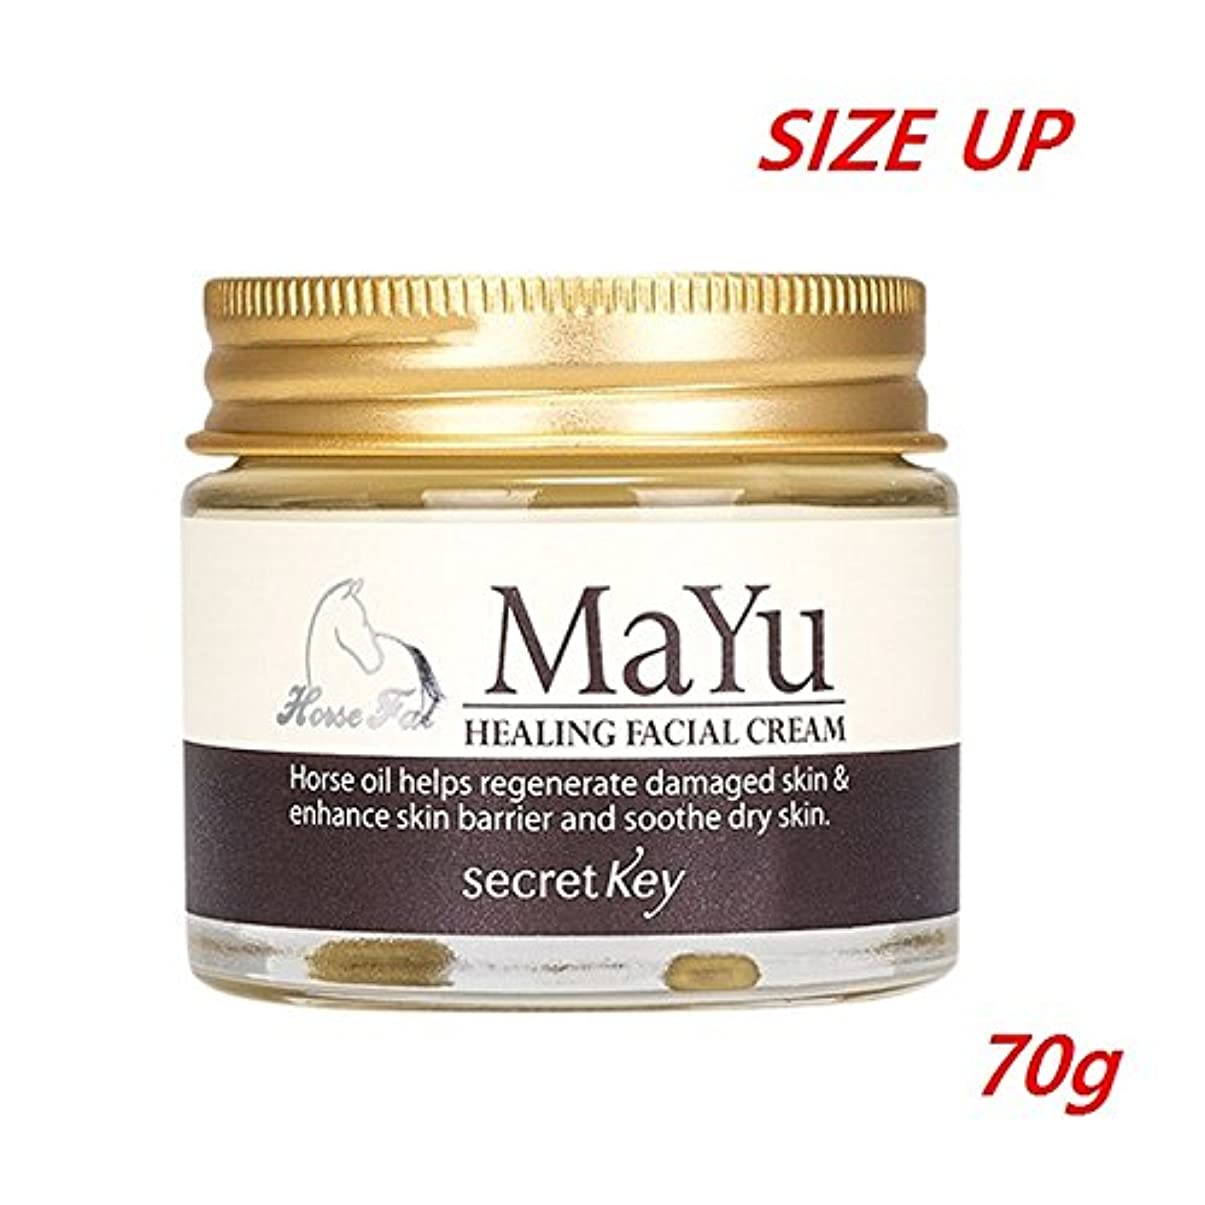 明確なルート洞窟シークレットキー 馬油 ヒーリング フェイシャル クリーム/Secret Key Mayu Healing Facial Cream 70g Size Up(50g to 70g Up Grade) [並行輸入品]